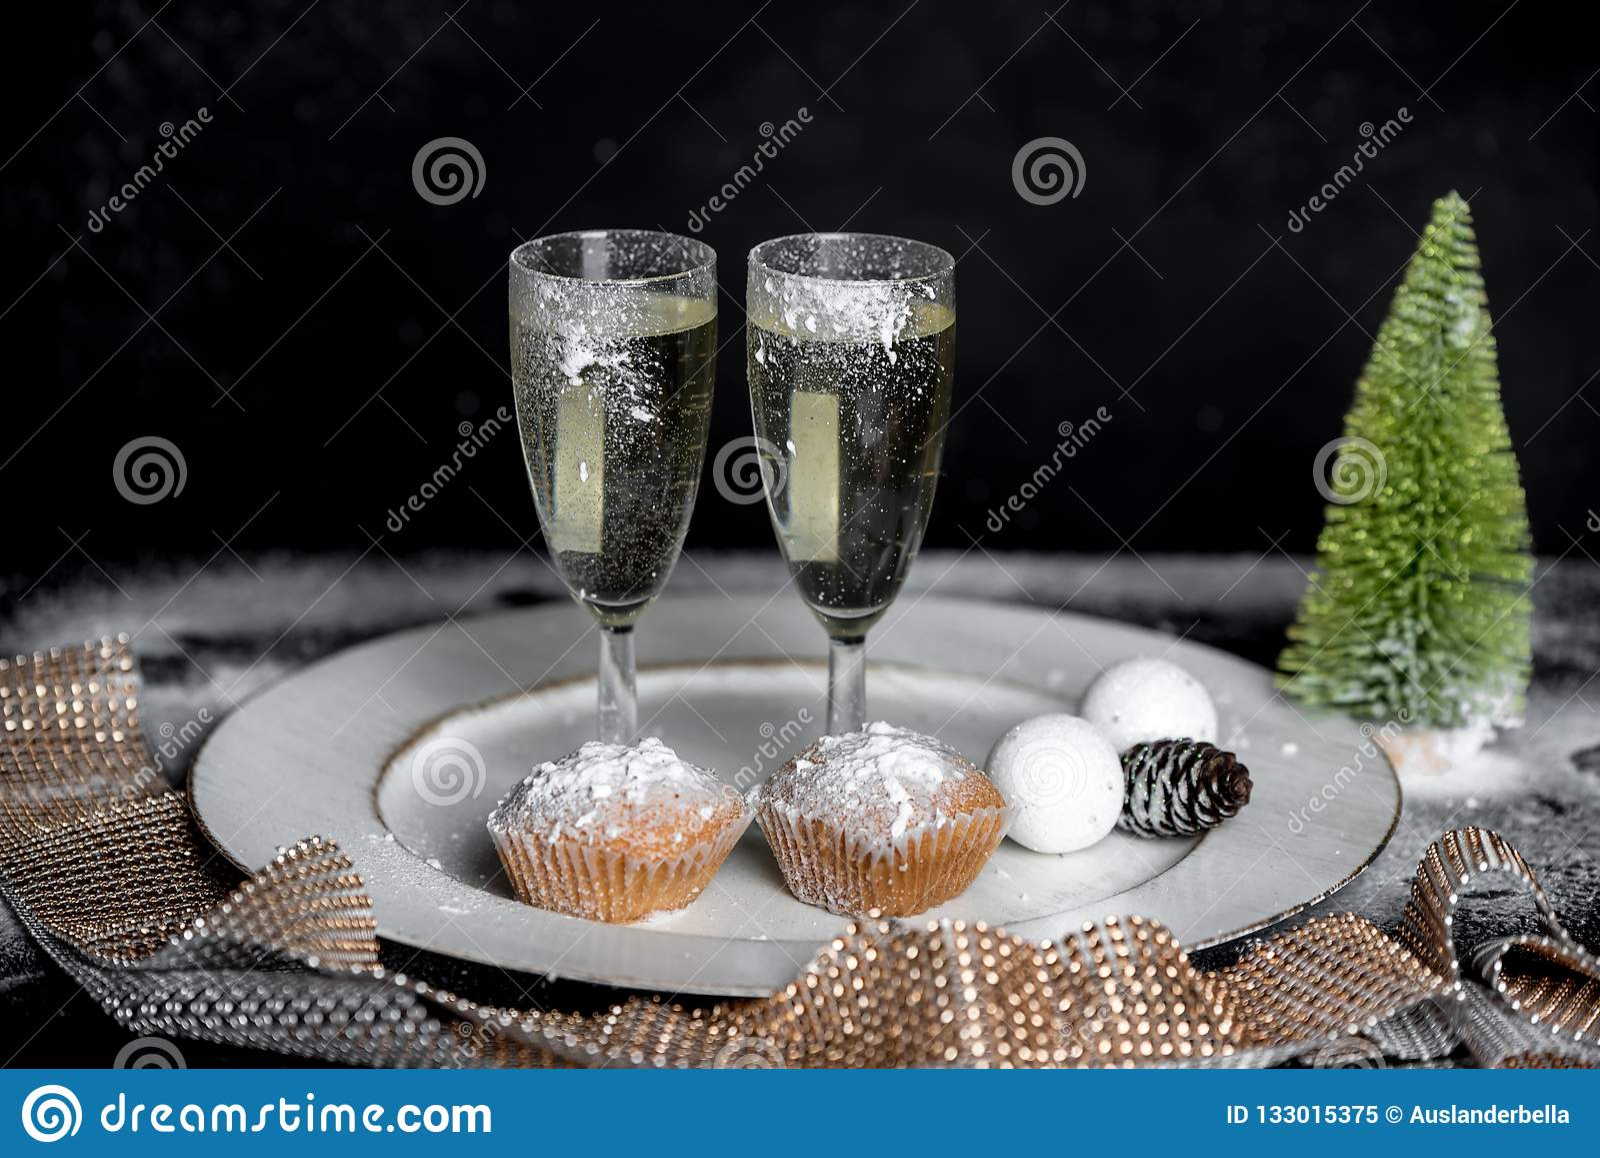 Romantischer Winter Abend mit Champagner für zwei